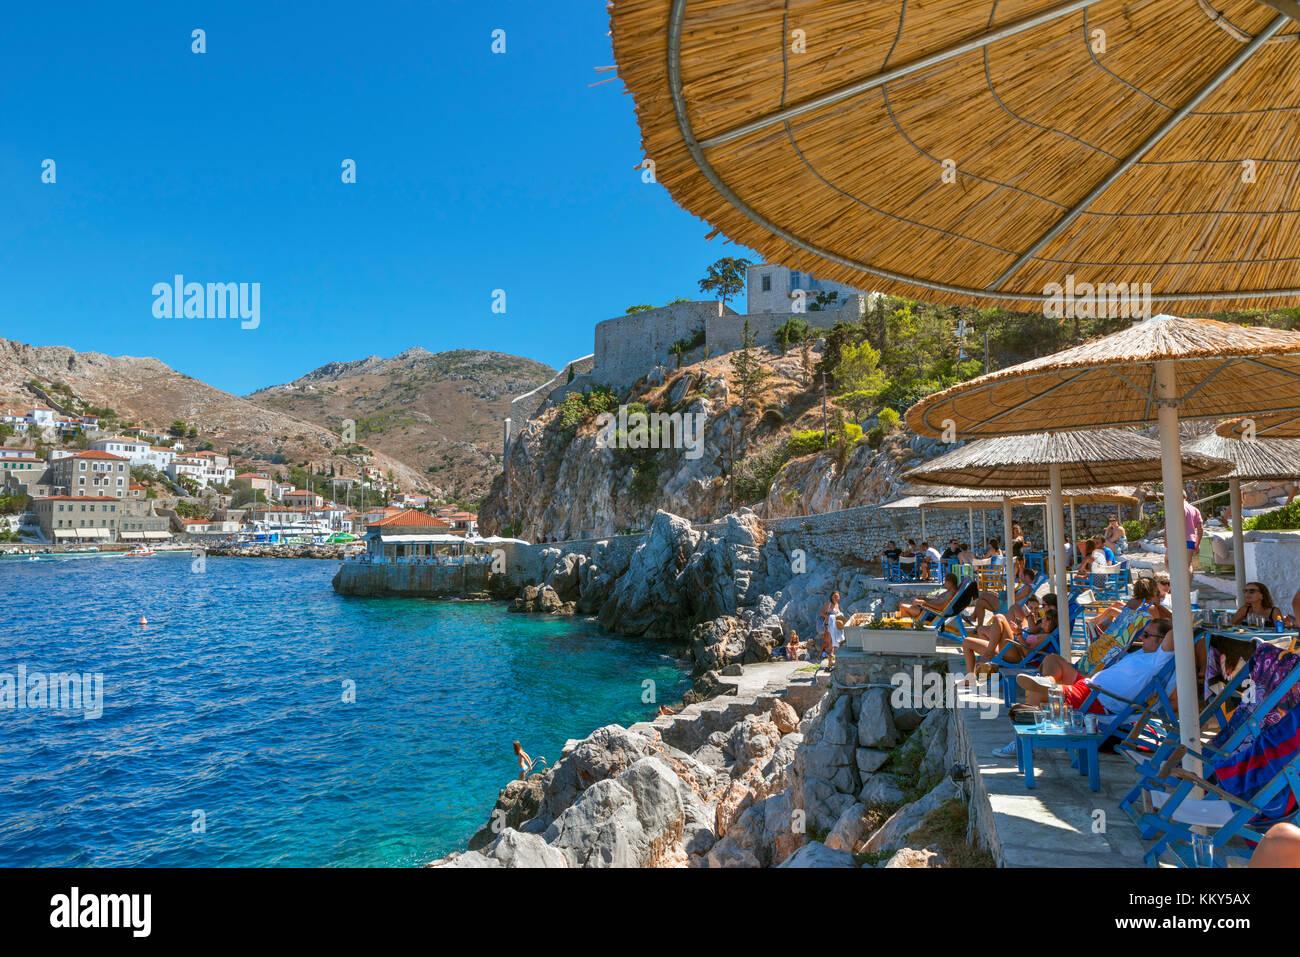 Bar en bord de mer et zone de baignade, juste à l'extérieur de la ville d''Hydra, Hydra, Grèce Photo Stock